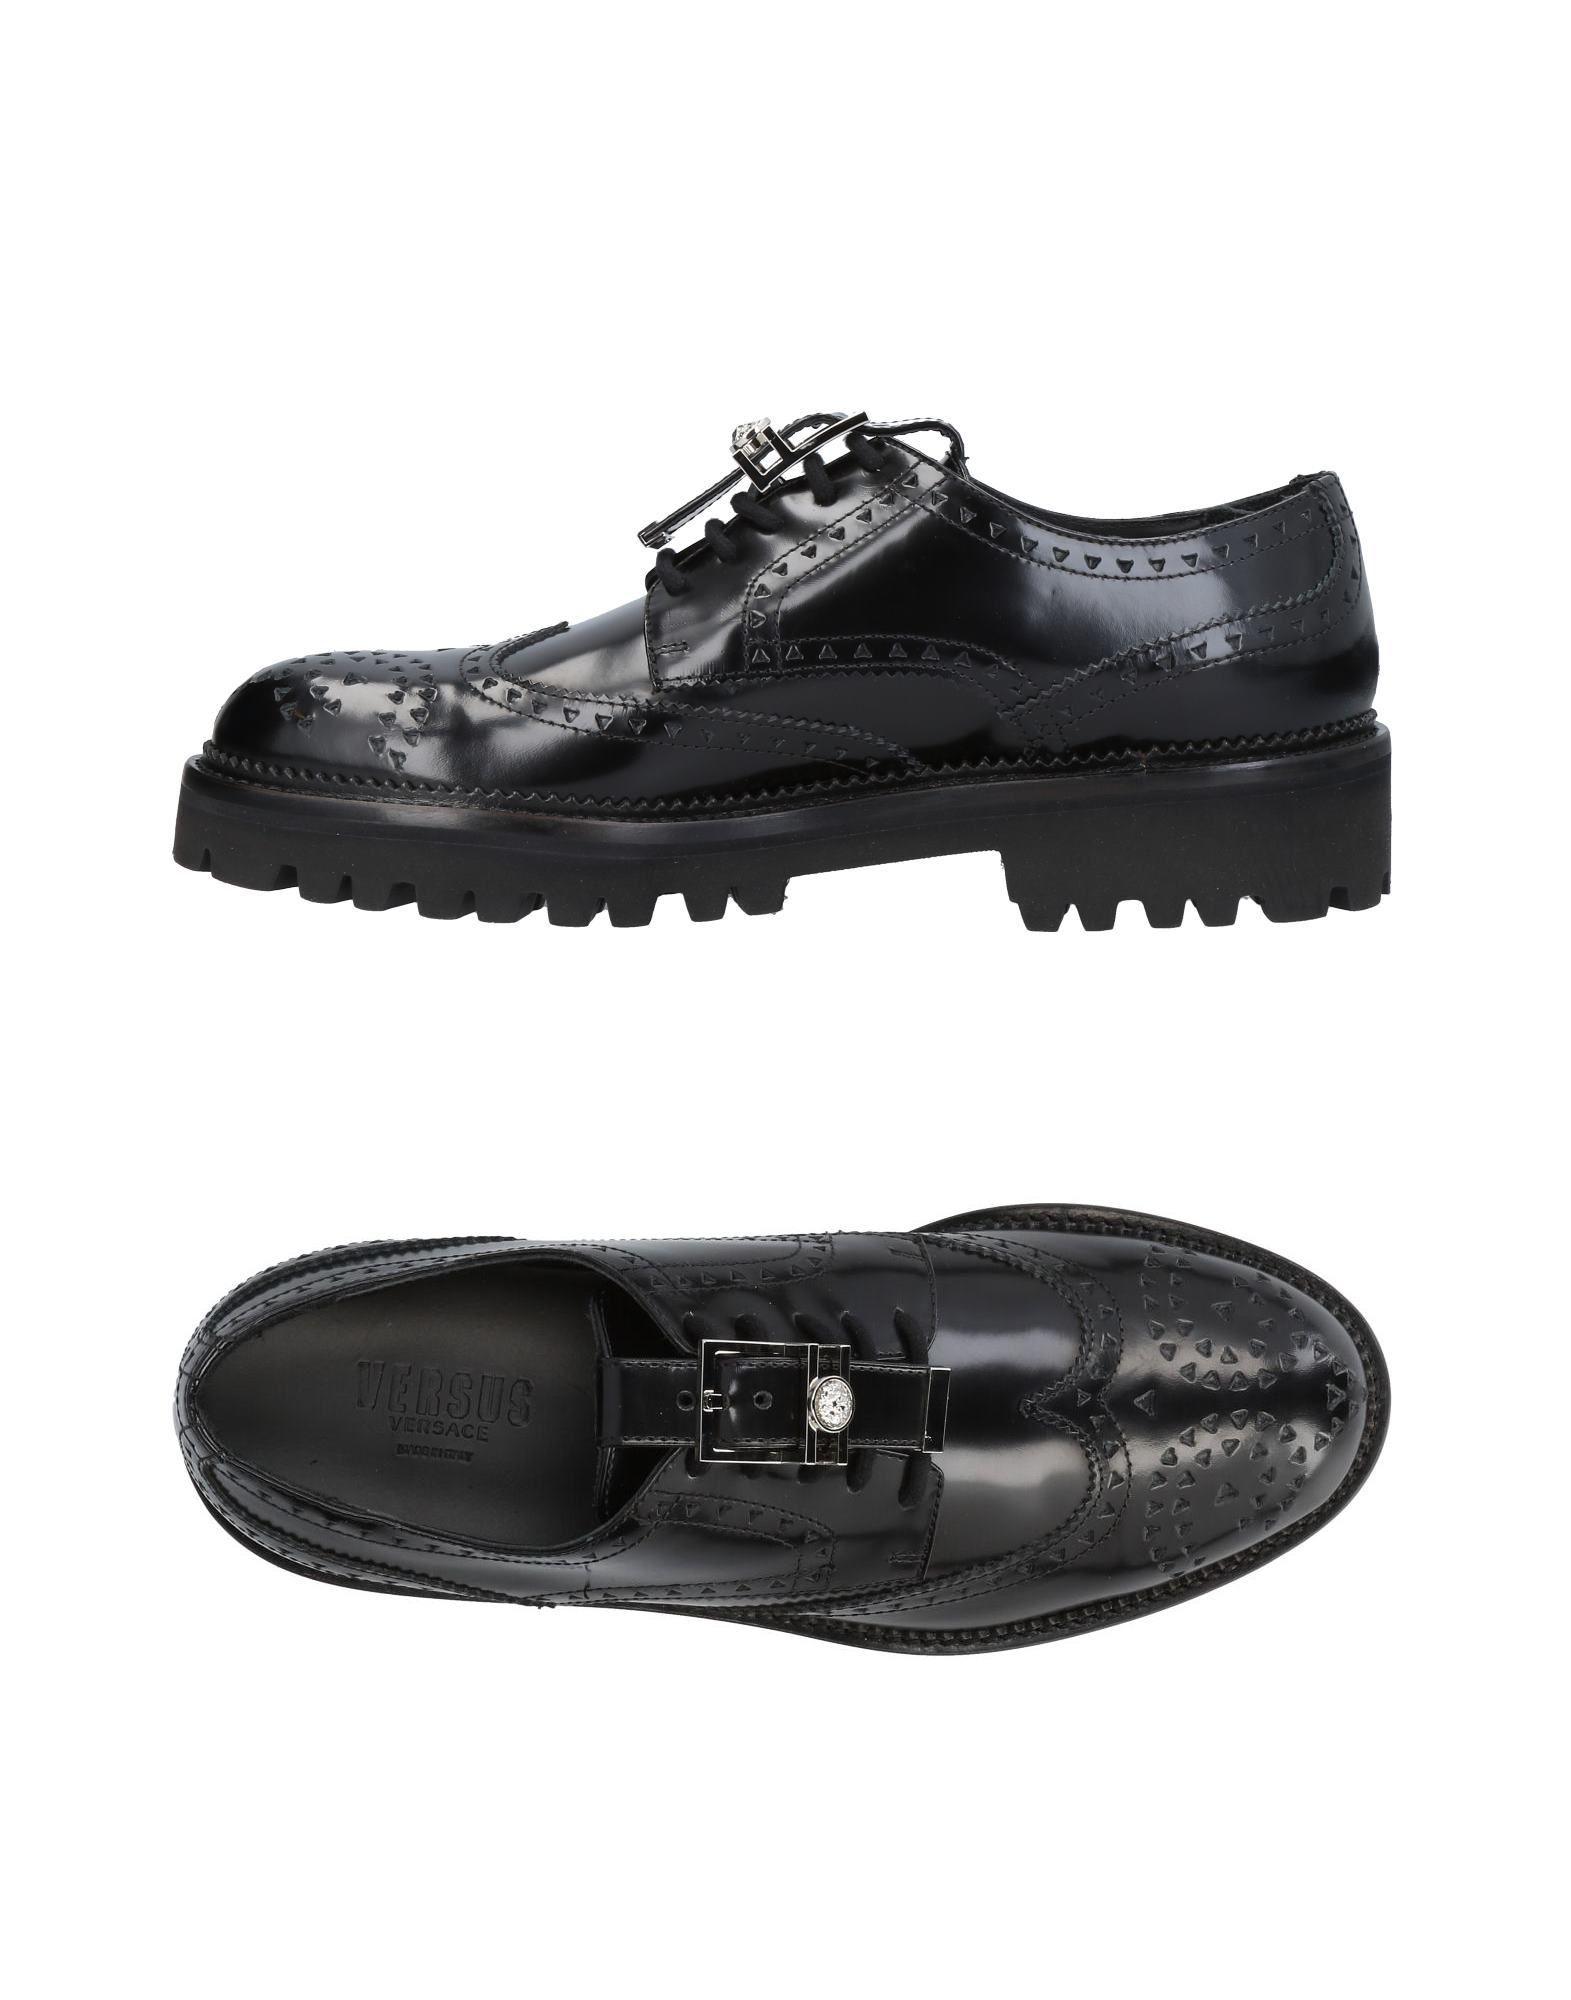 Versus Versace Schnürschuhe Herren  11421025TK Gute Qualität beliebte Schuhe